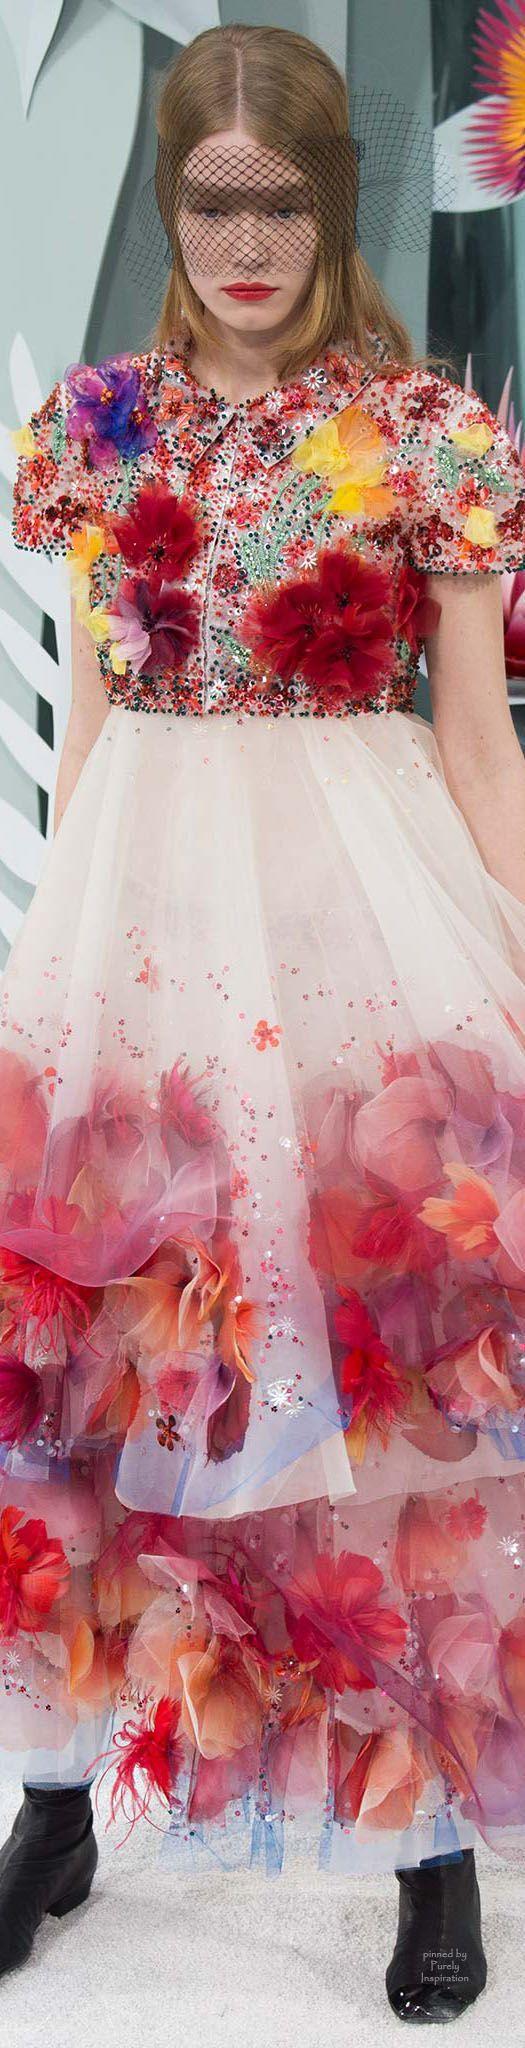 Mejores 34 imágenes de VESTIDOS CON FLORES en Pinterest | Vestidos ...